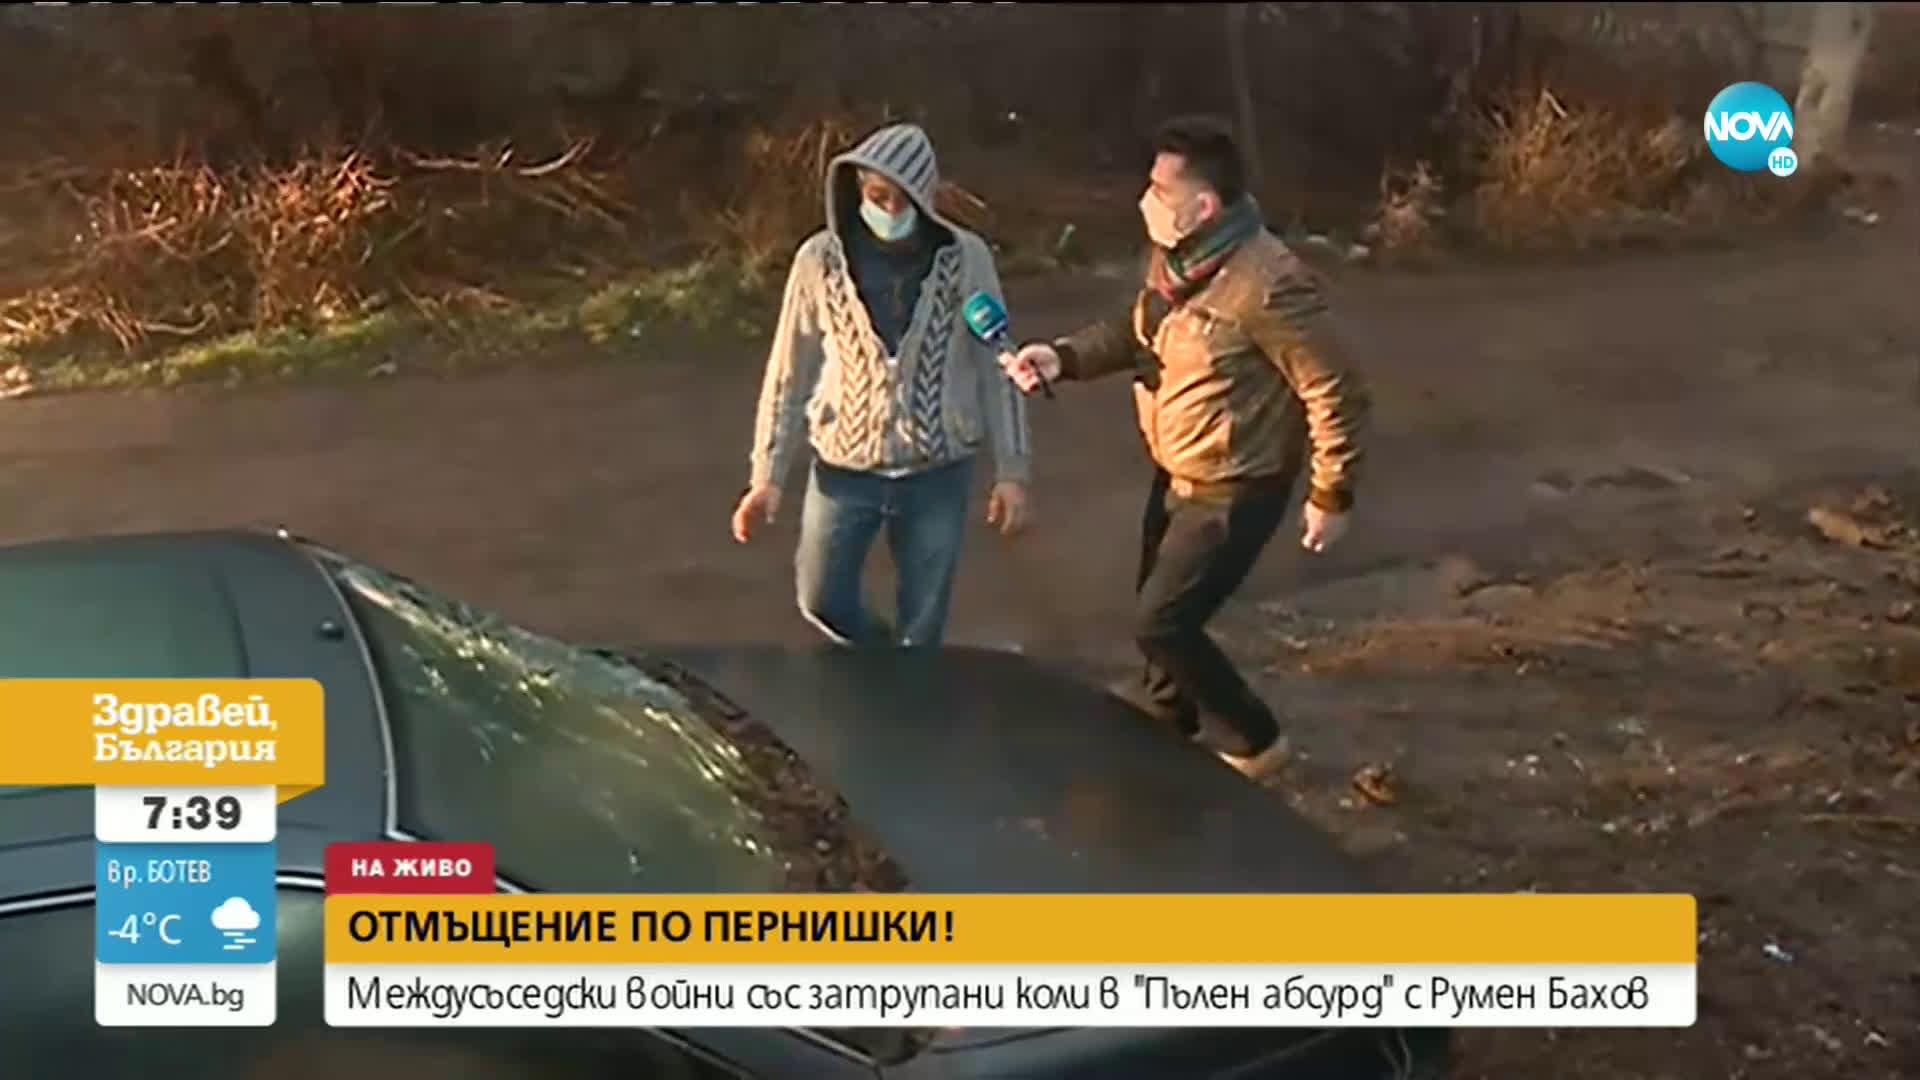 """""""ПЪЛЕН АБСУРД"""": Междусъседски войни със затрупани коли"""